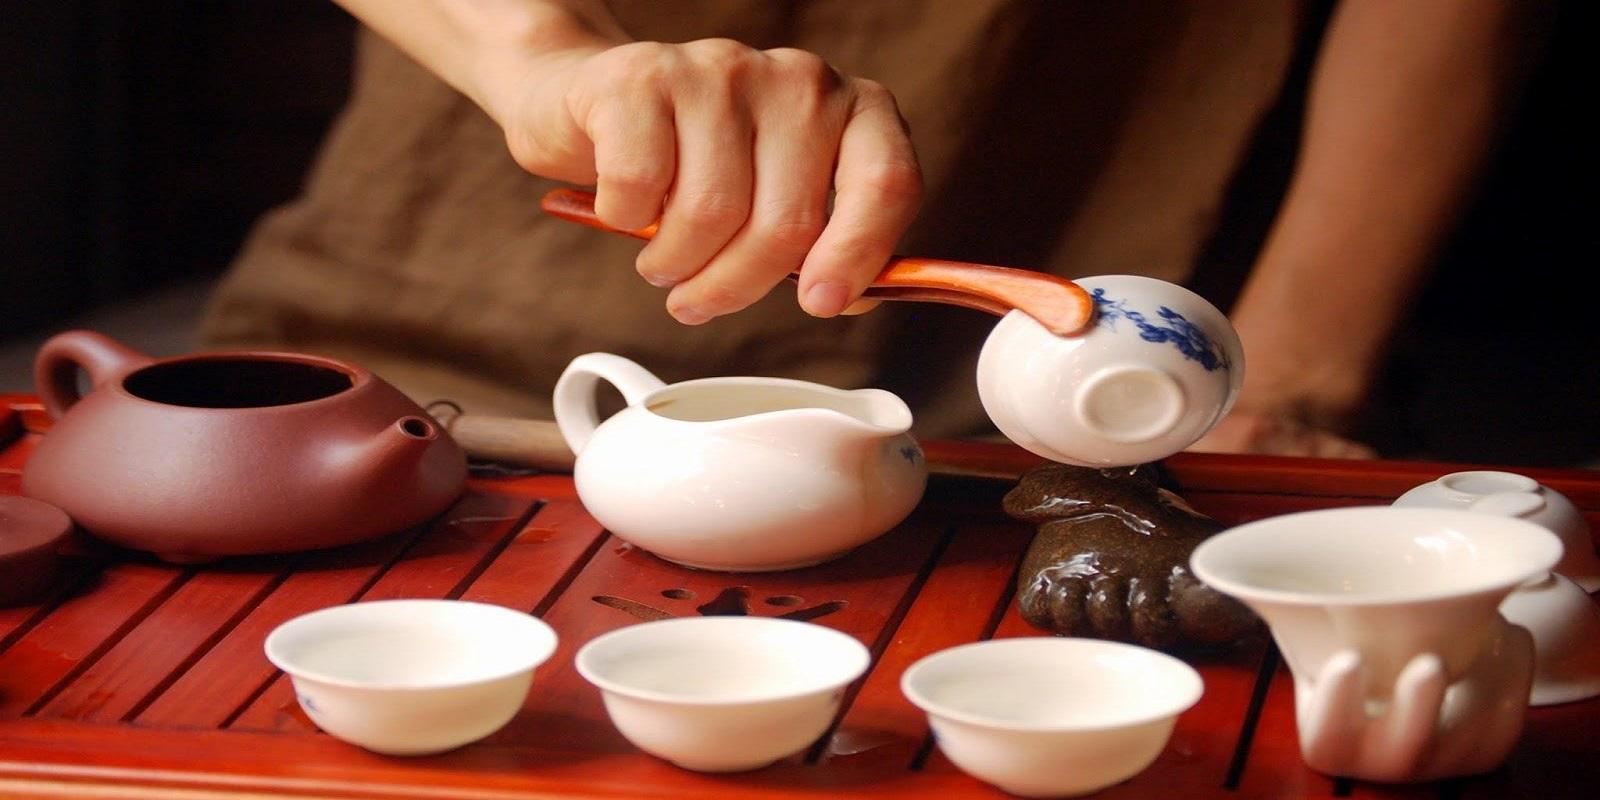 Chás caseiros tradicionais - Dicas, Preparo e Indicações